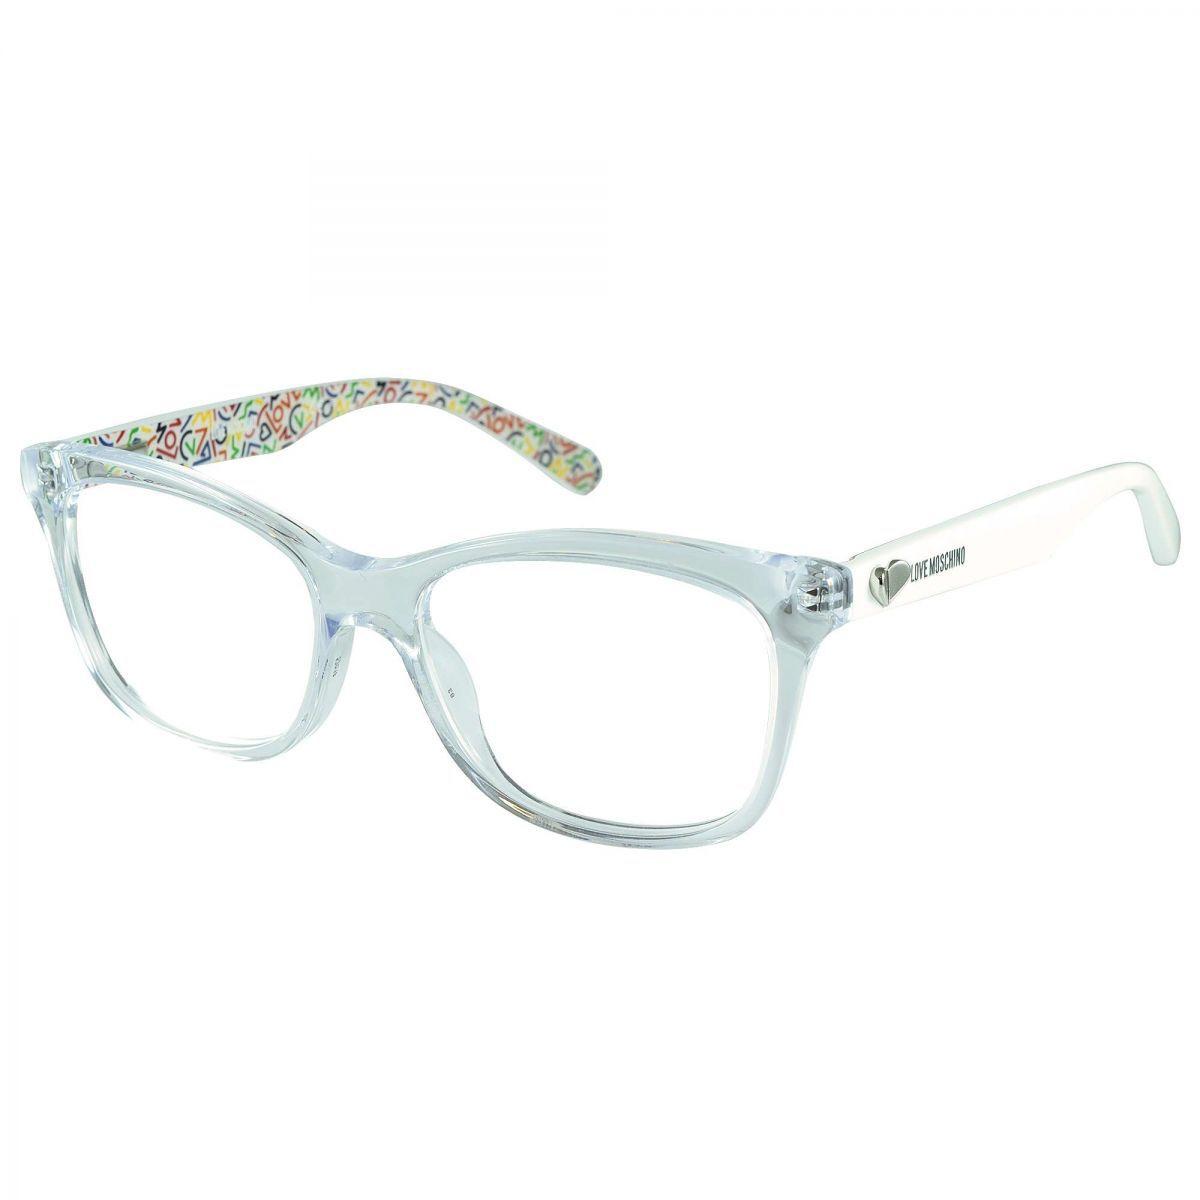 581d1258a8a6b Armação Óculos De Grau Love Moschino Feminino Mol509 900 - Omega ...